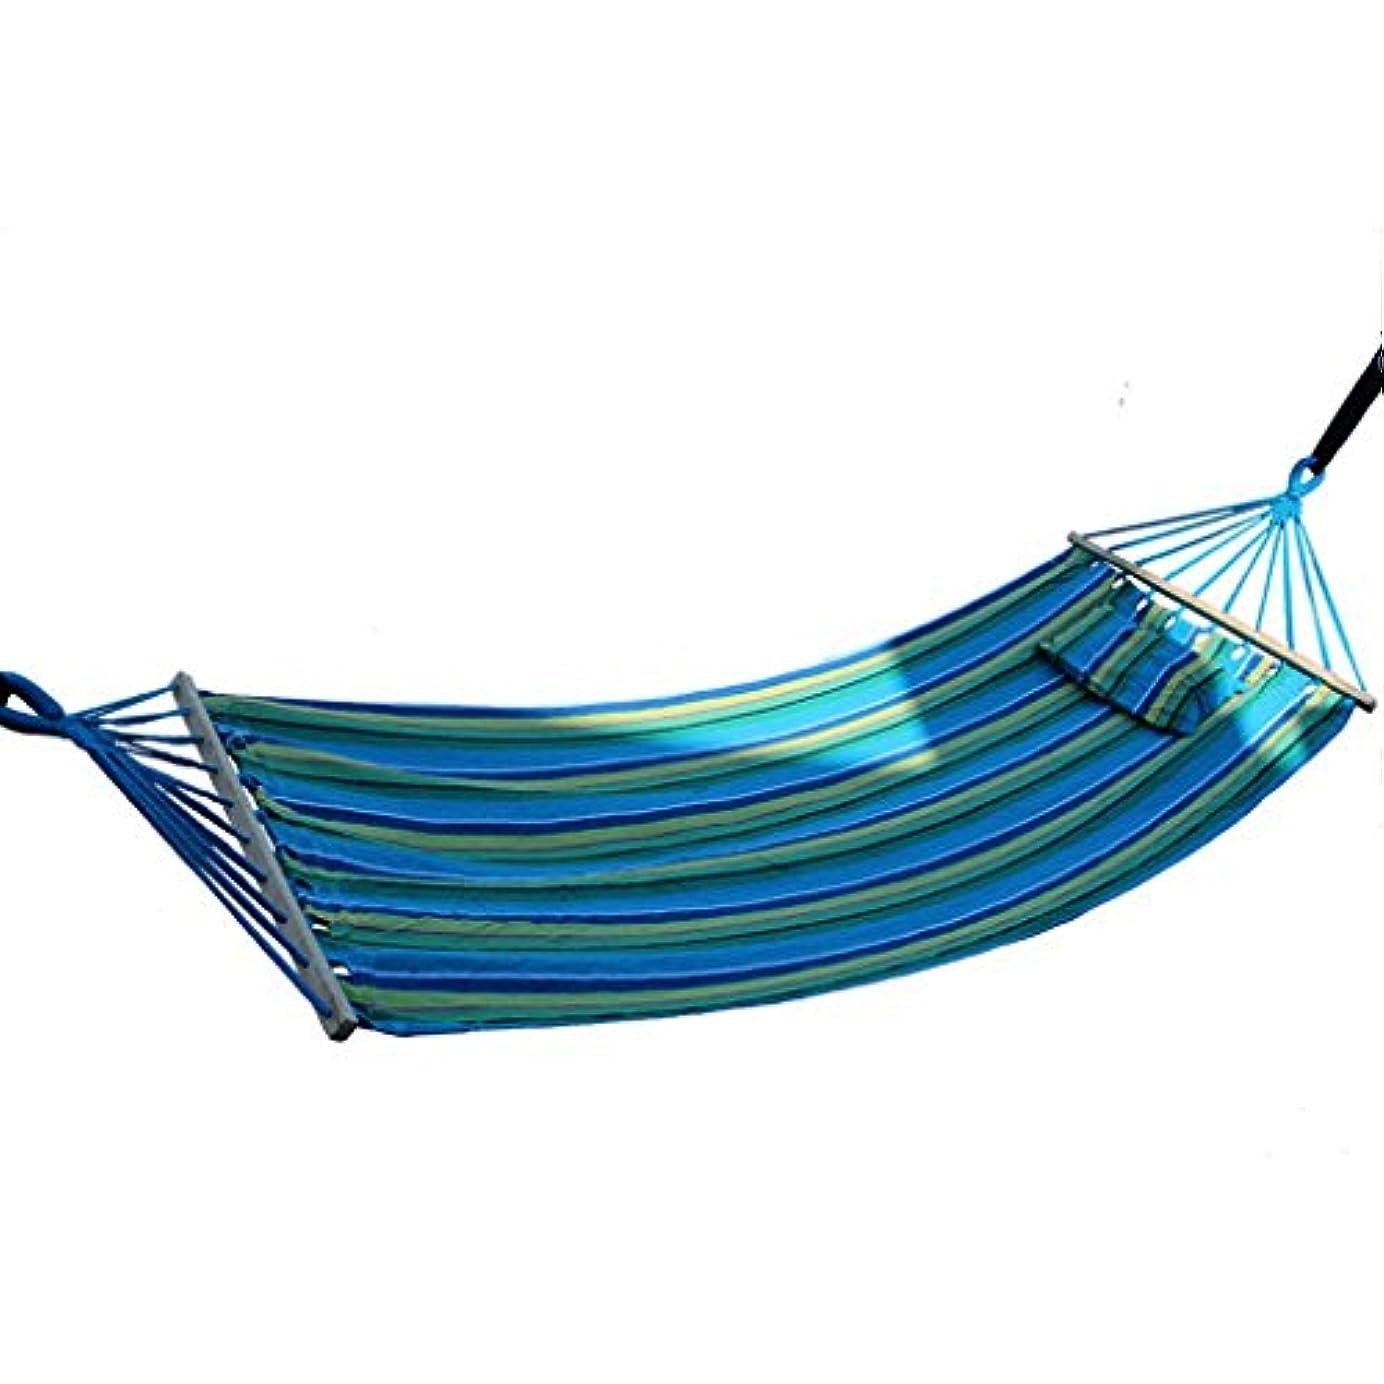 タックグラマーしがみつくRMJAI 屋外ハンモック、携帯用ハンモック200x80cm 1人レジャーキャンバスハンモック、携帯用ハンモックキャンプ、ビーチ、裏庭、ポーチ、庭屋外または屋内用200x80cm(78.7x31.5in) (色 : 青)